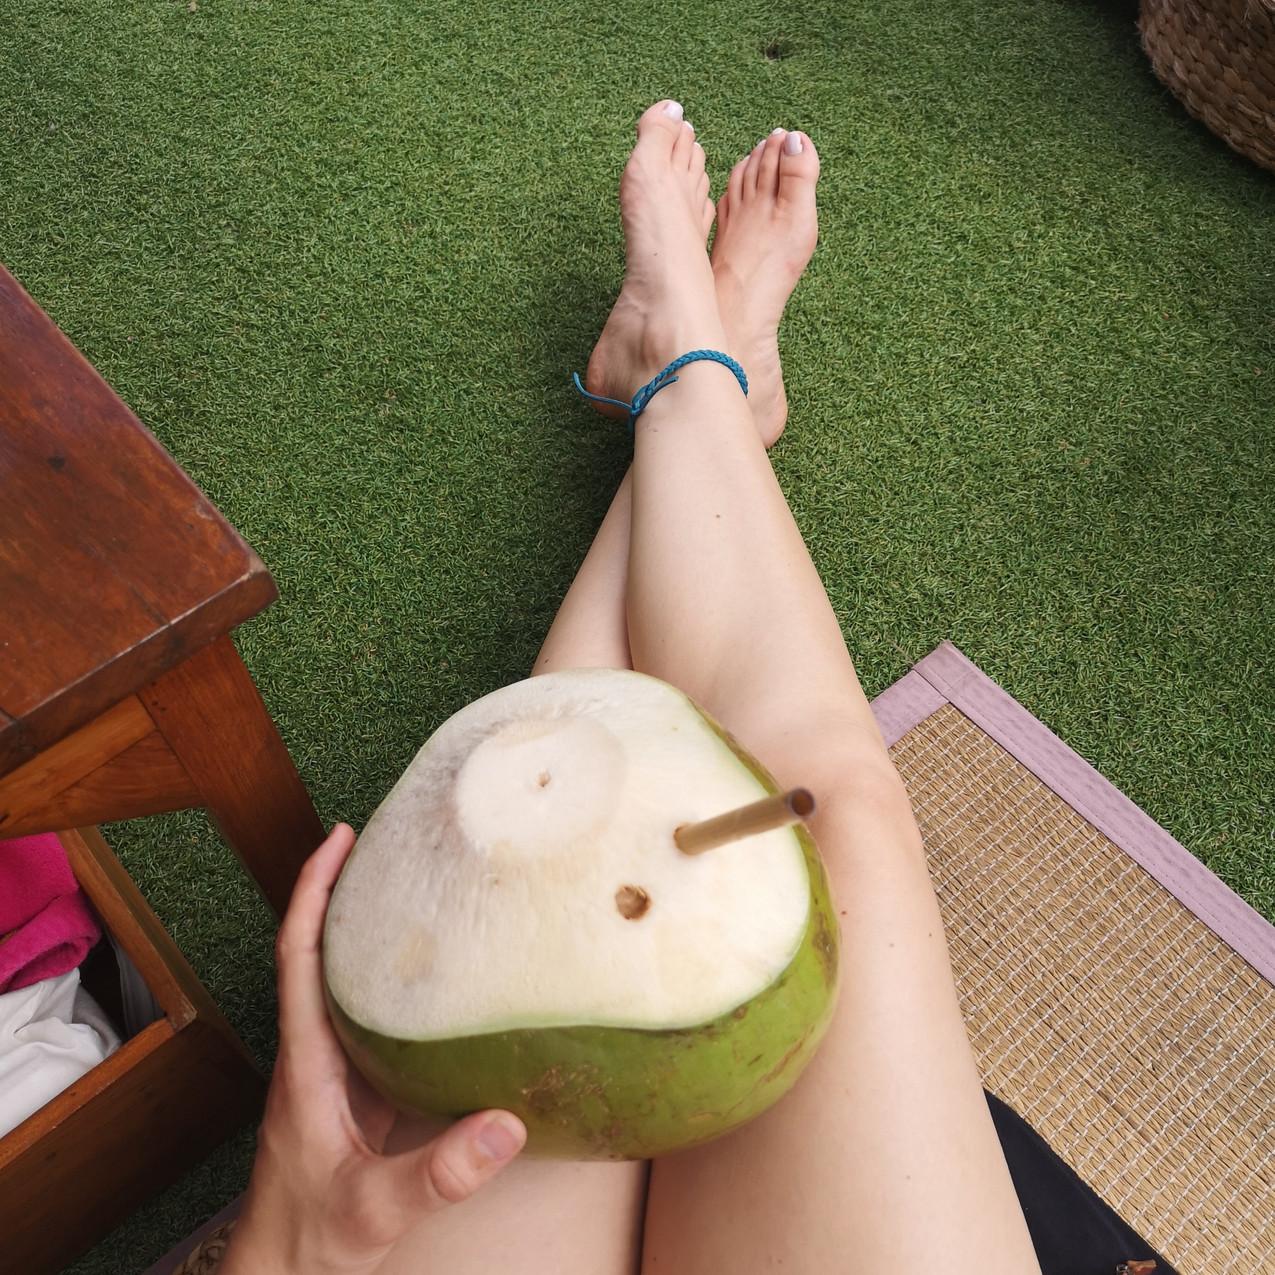 Coconuts at The Lawn, Canggu, Bali